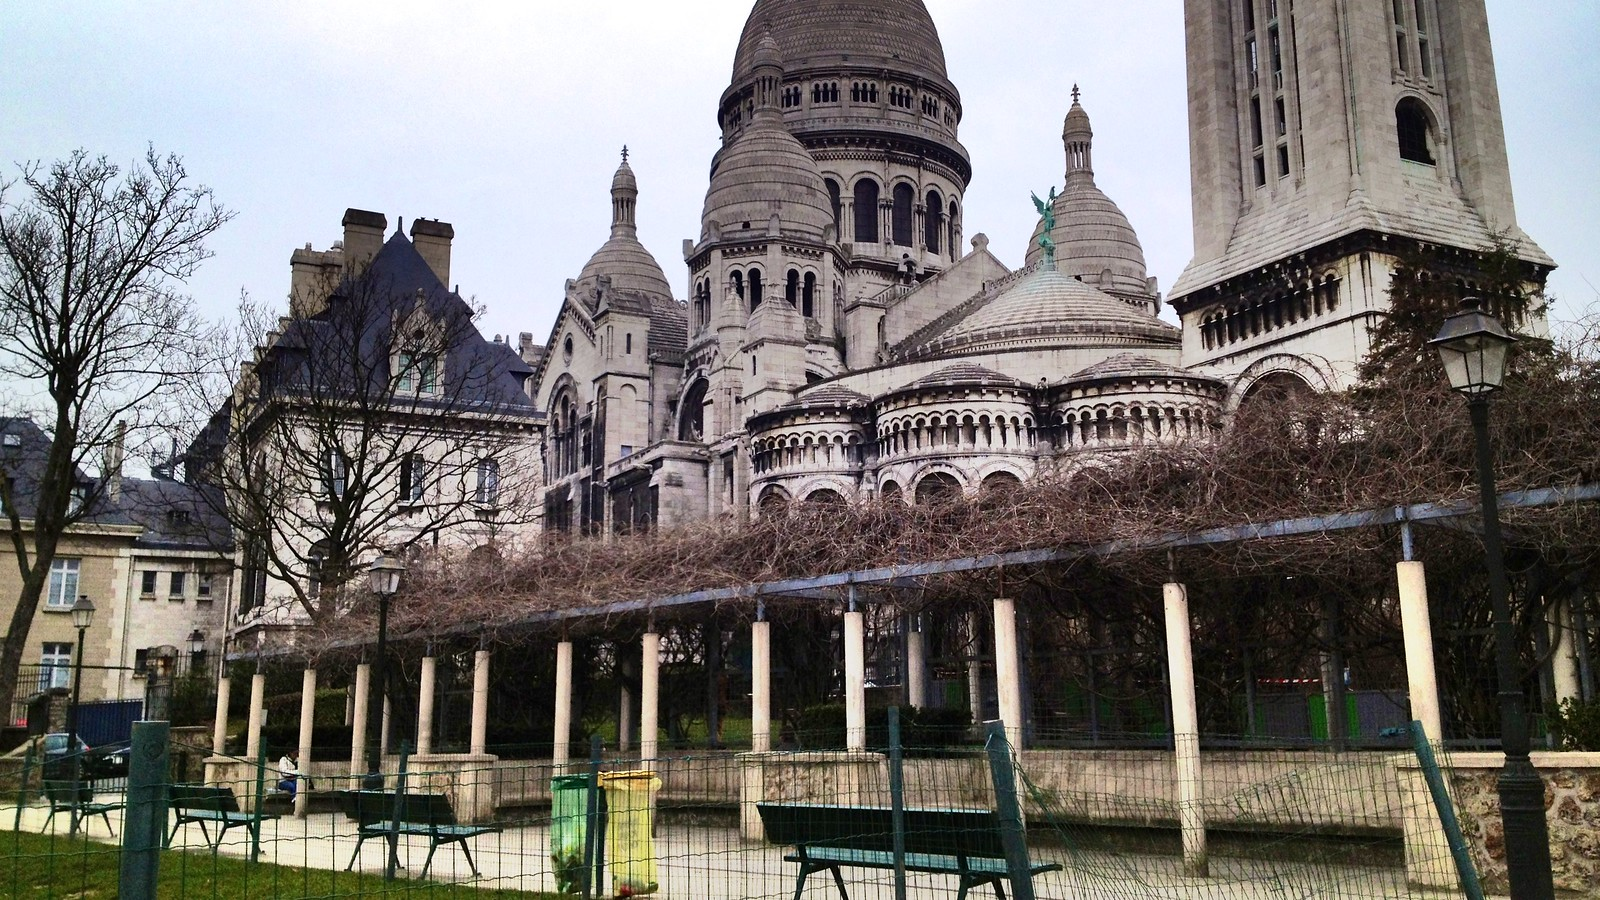 Square Marcel Bleustein-Blanchet (Parc de la Turlure), Montmartre, Paris